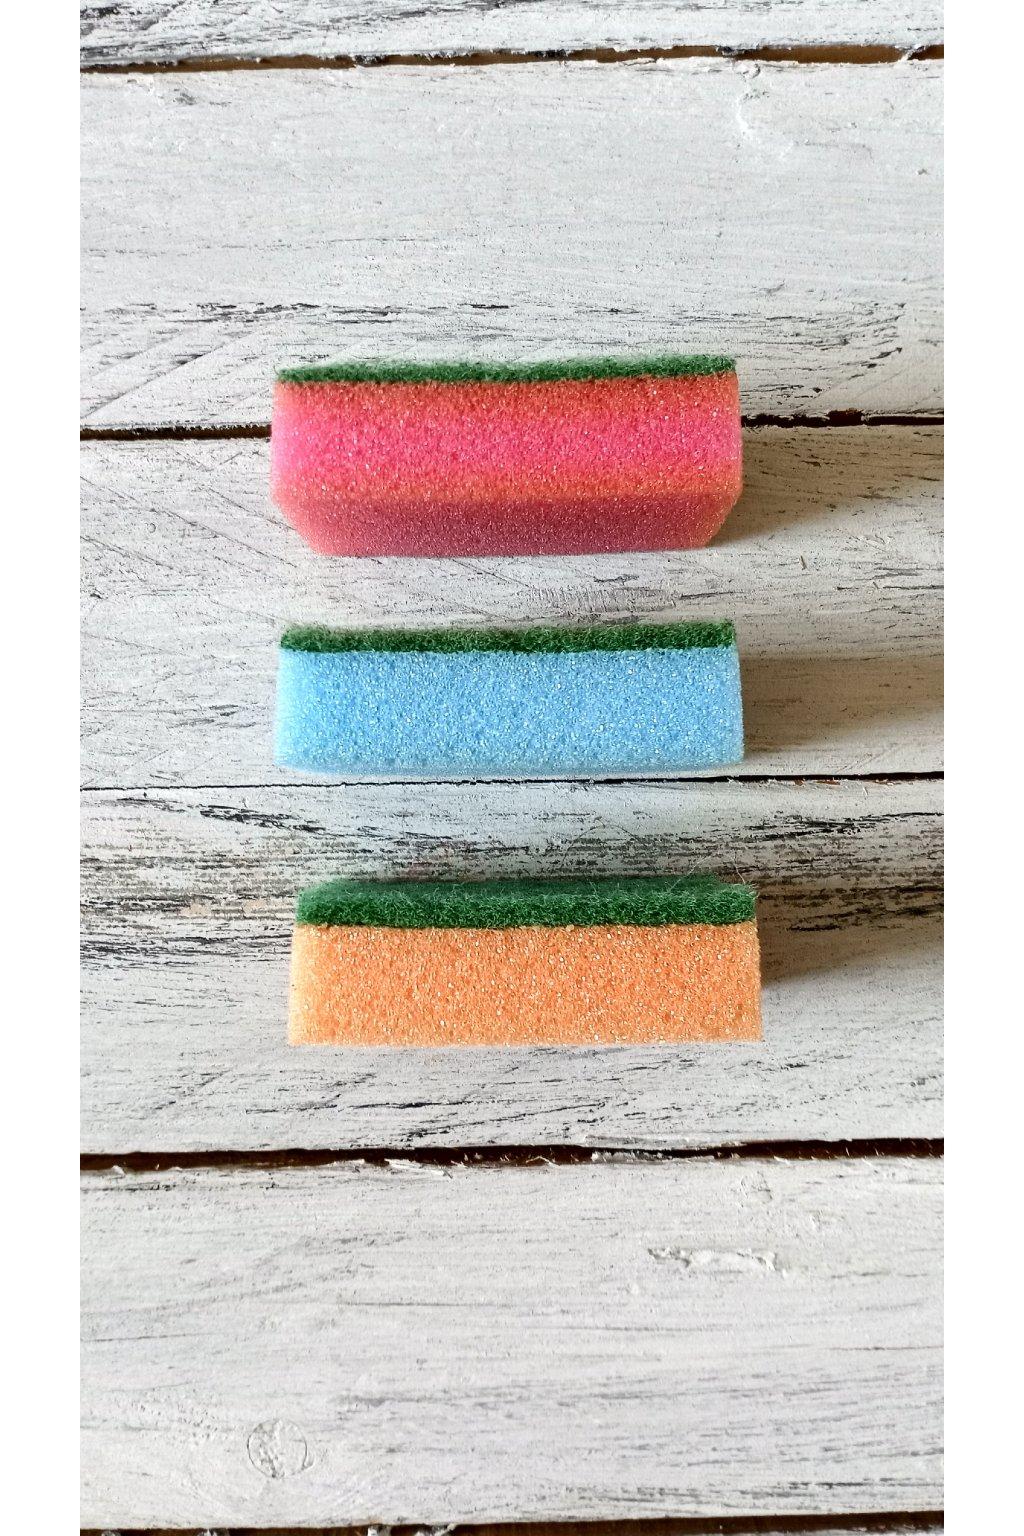 Houbička na patinování výrobků pletených z papíru